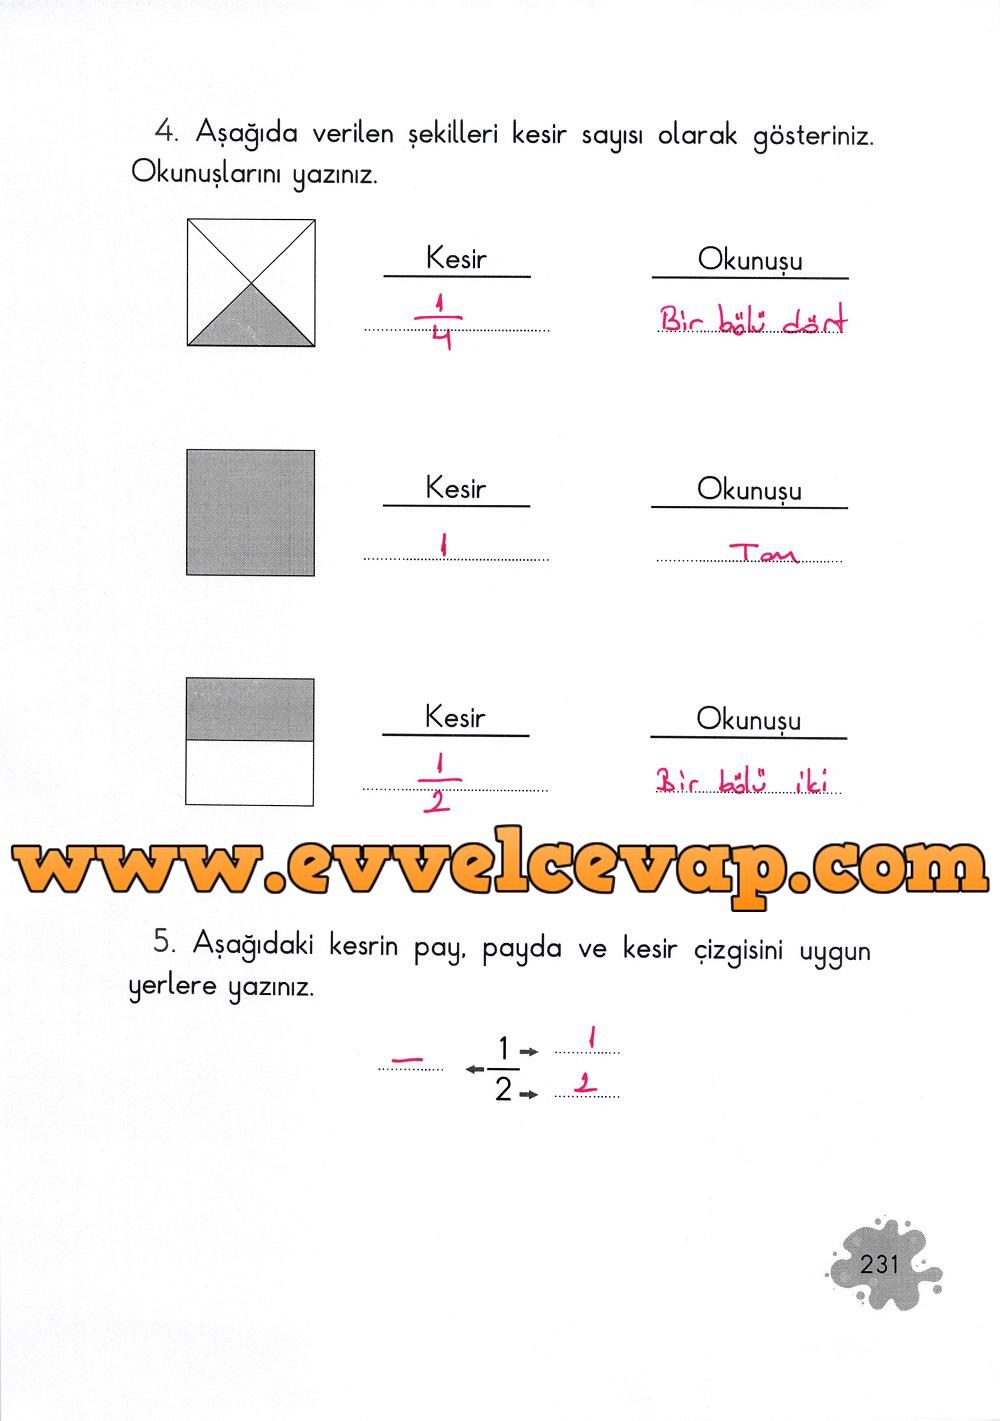 2. Sınıf Açılım Yayınları Matematik Ders Kitabı 231. Sayfa Cevapları